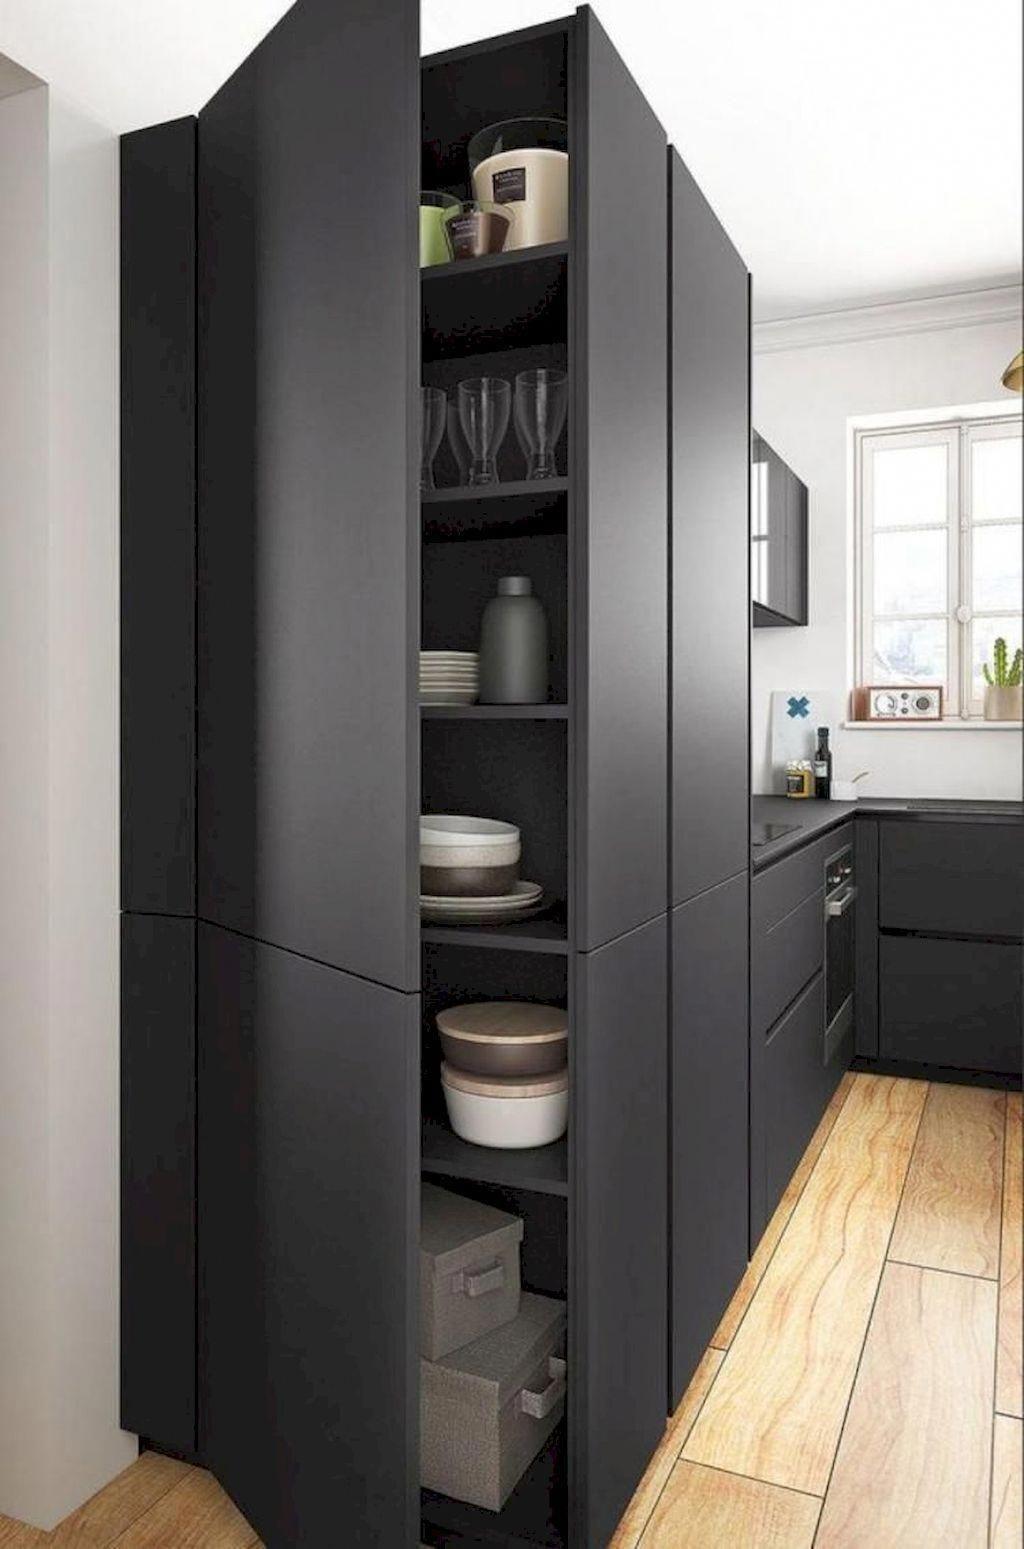 home decor modern style homedecormodern home decor modern in 2019 rh pinterest com